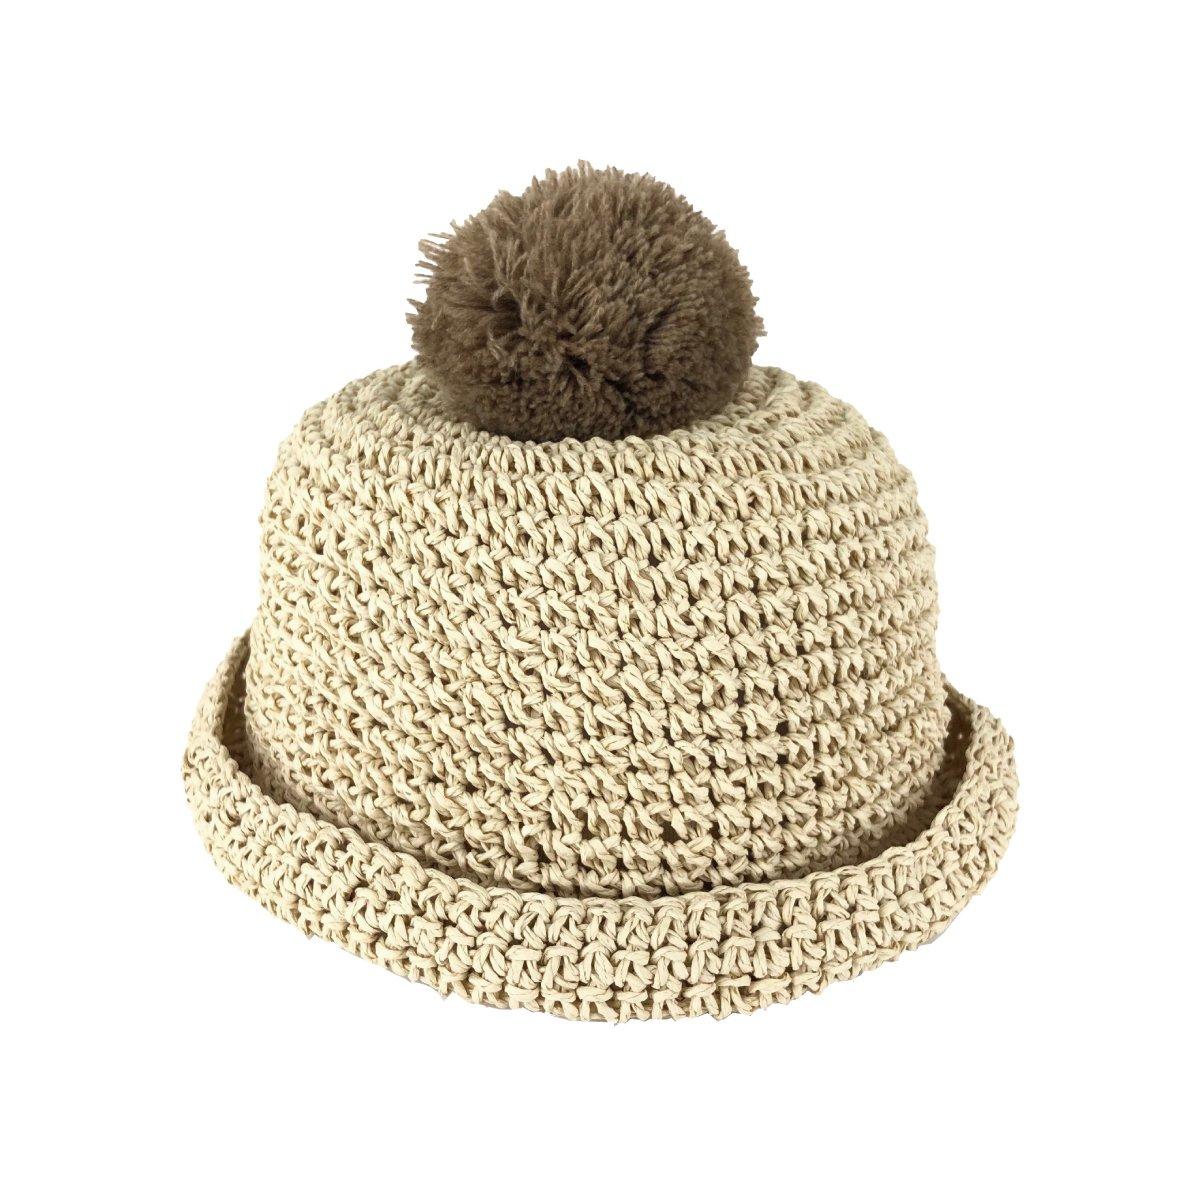 【BABY】Pon Coron Hat 詳細画像3